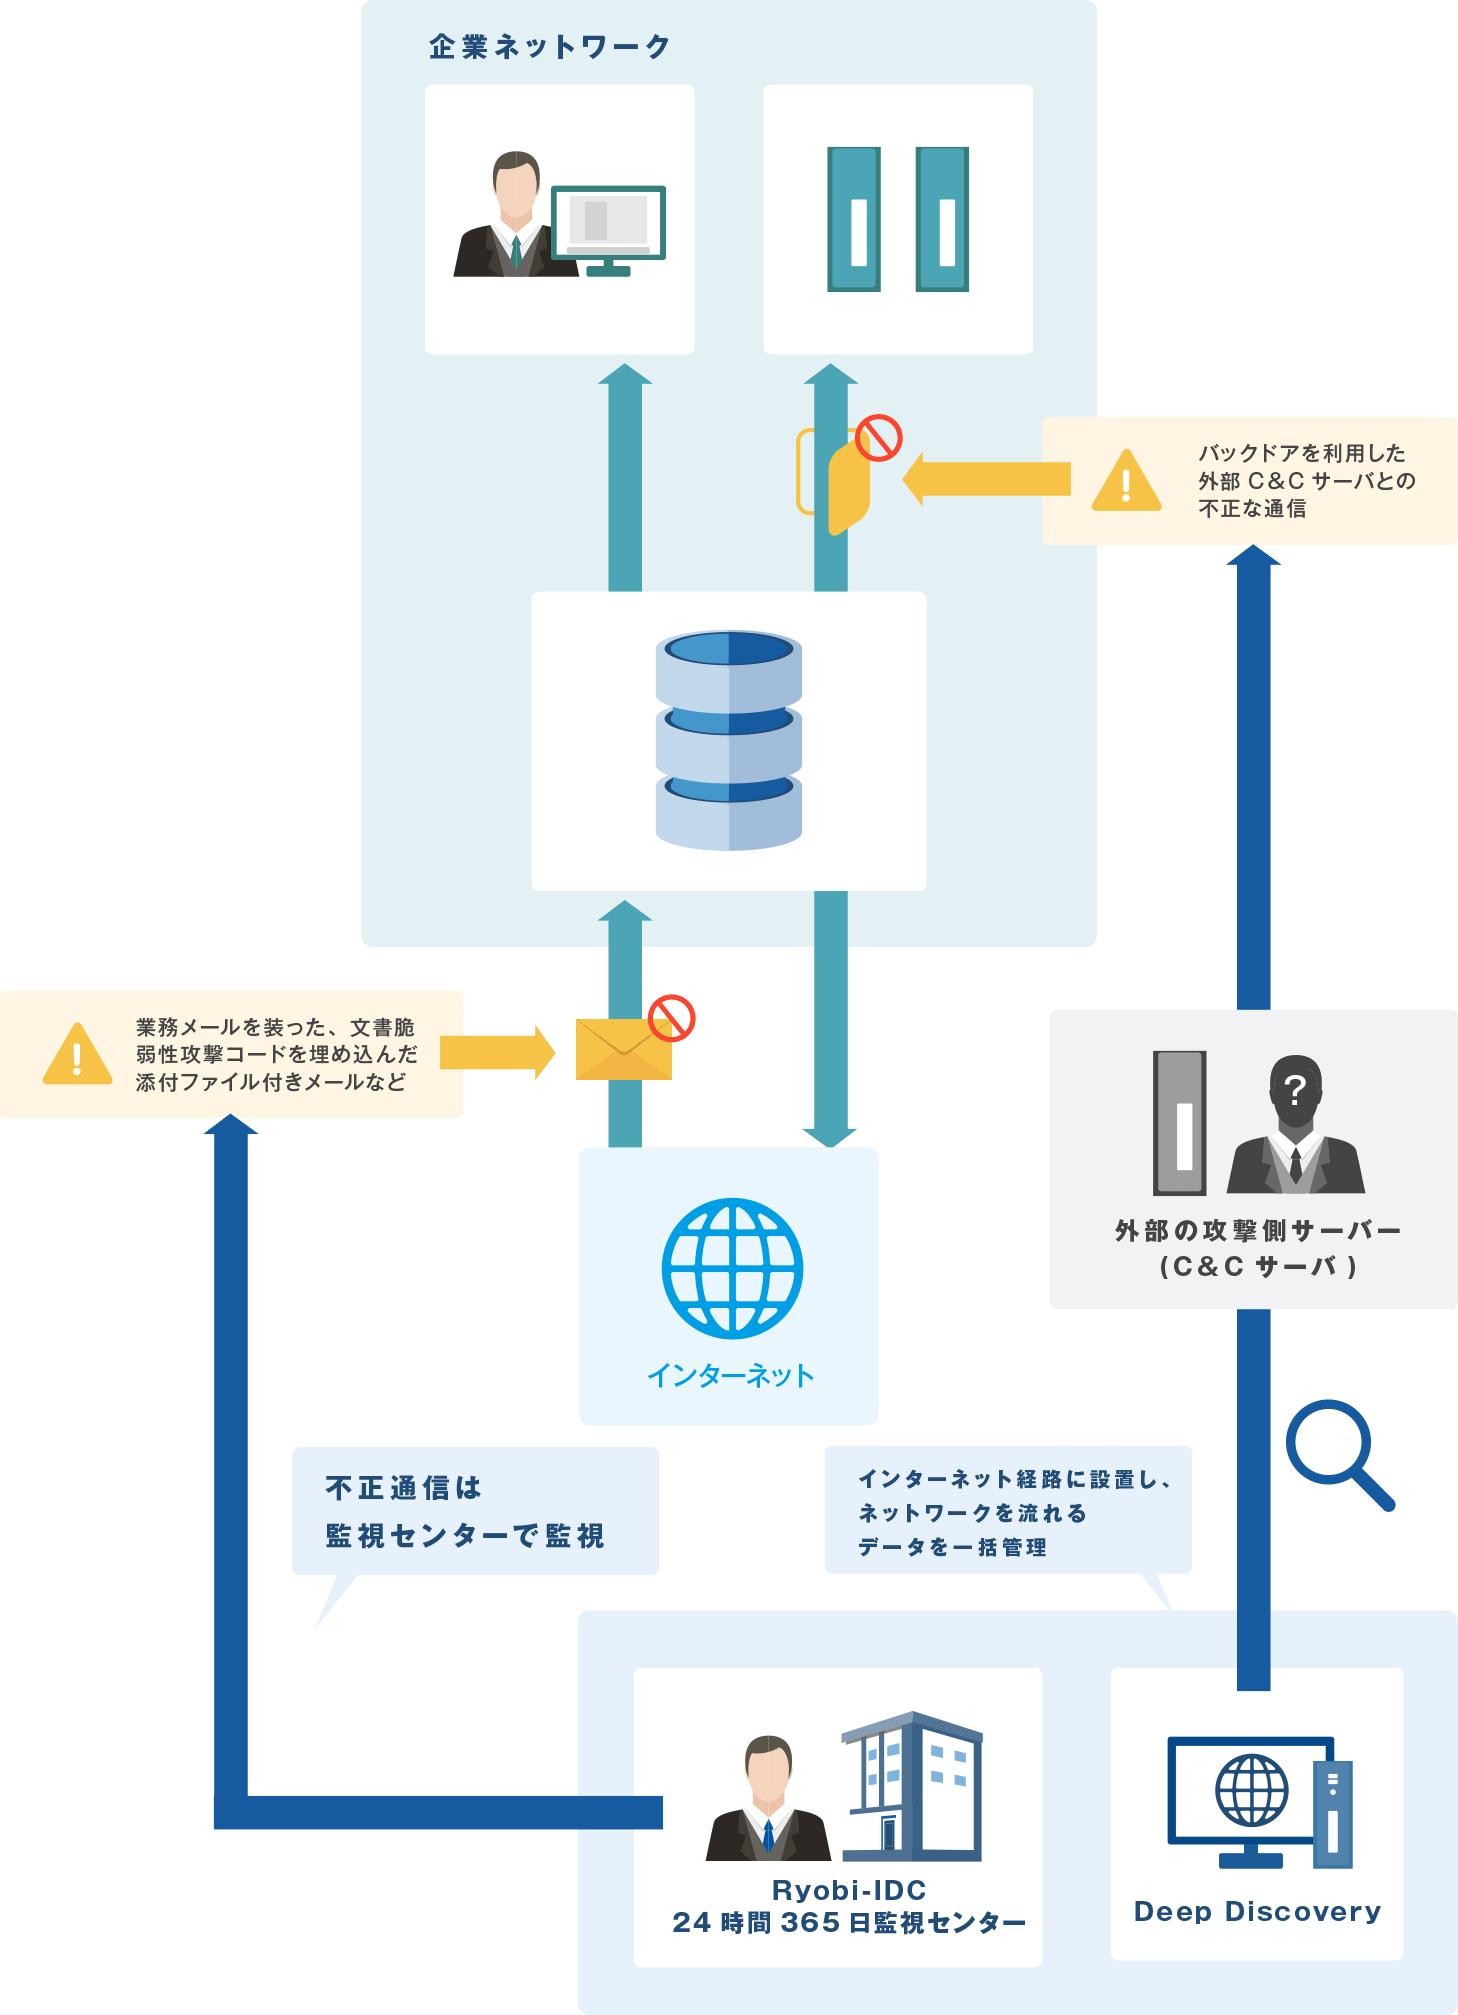 標的型攻撃・マルウェアから組織を守るセキュリティ対策